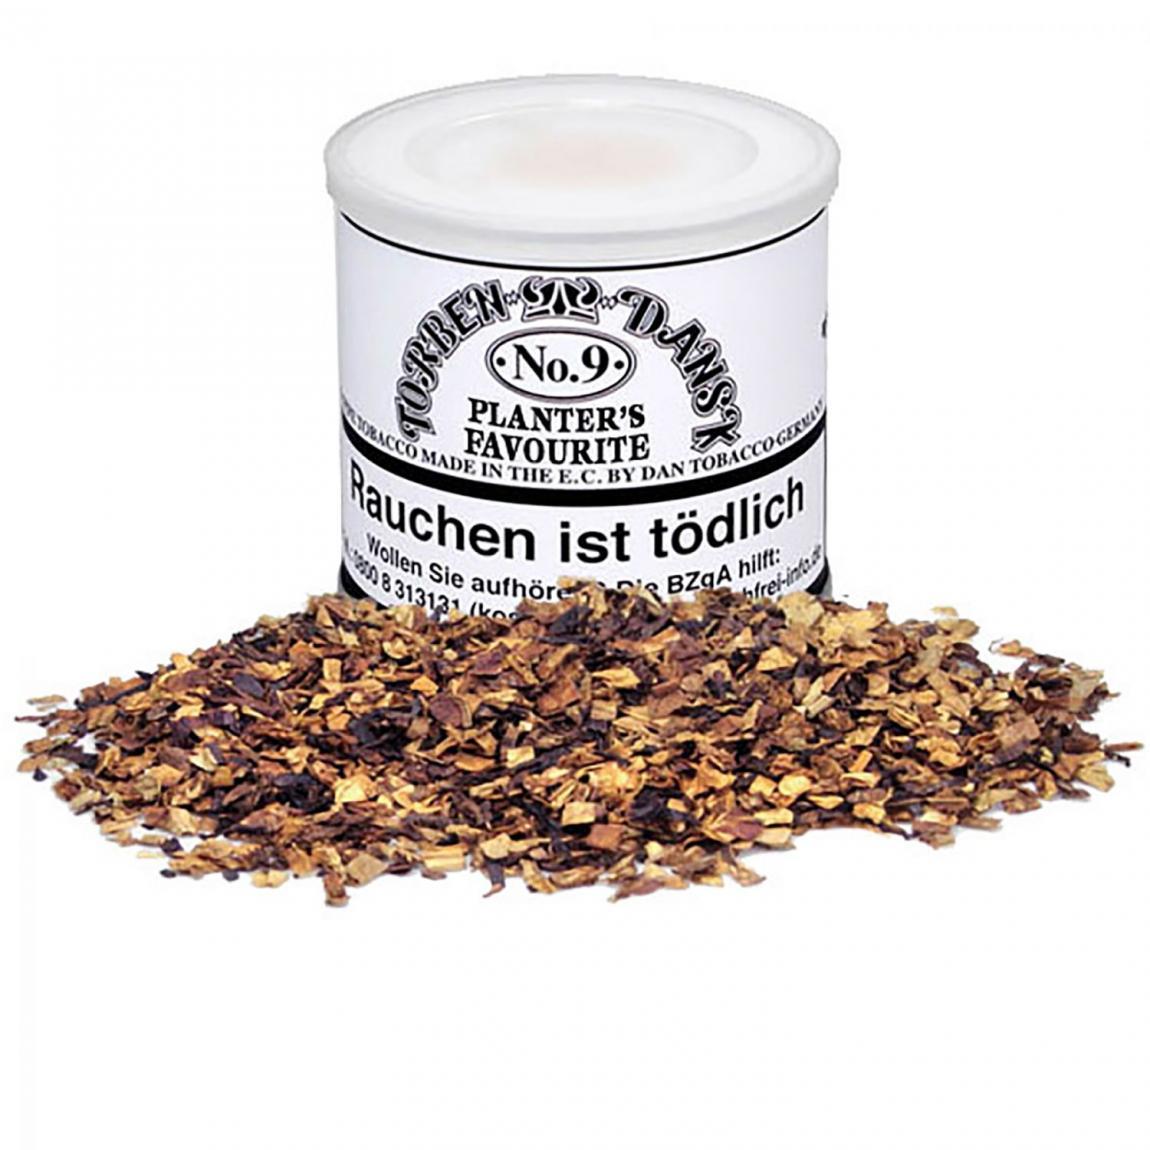 Torben Dansk No. 9 Planter's Delight - weich & lieblich, duftiges Aroma